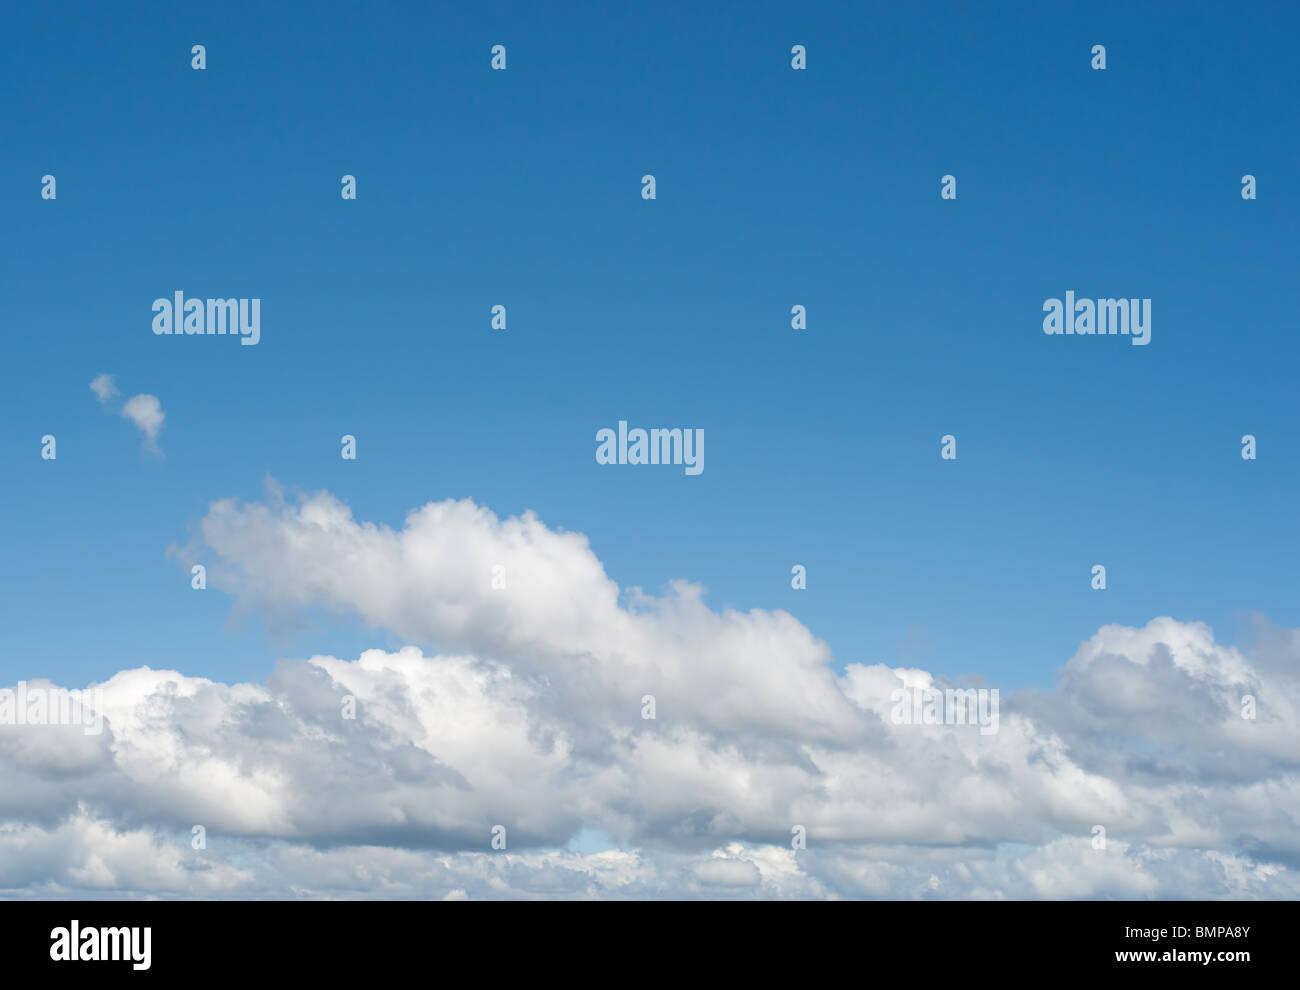 Blanc moelleux parfait ciel bleu et nuages célestes un jour de printemps Photo Stock